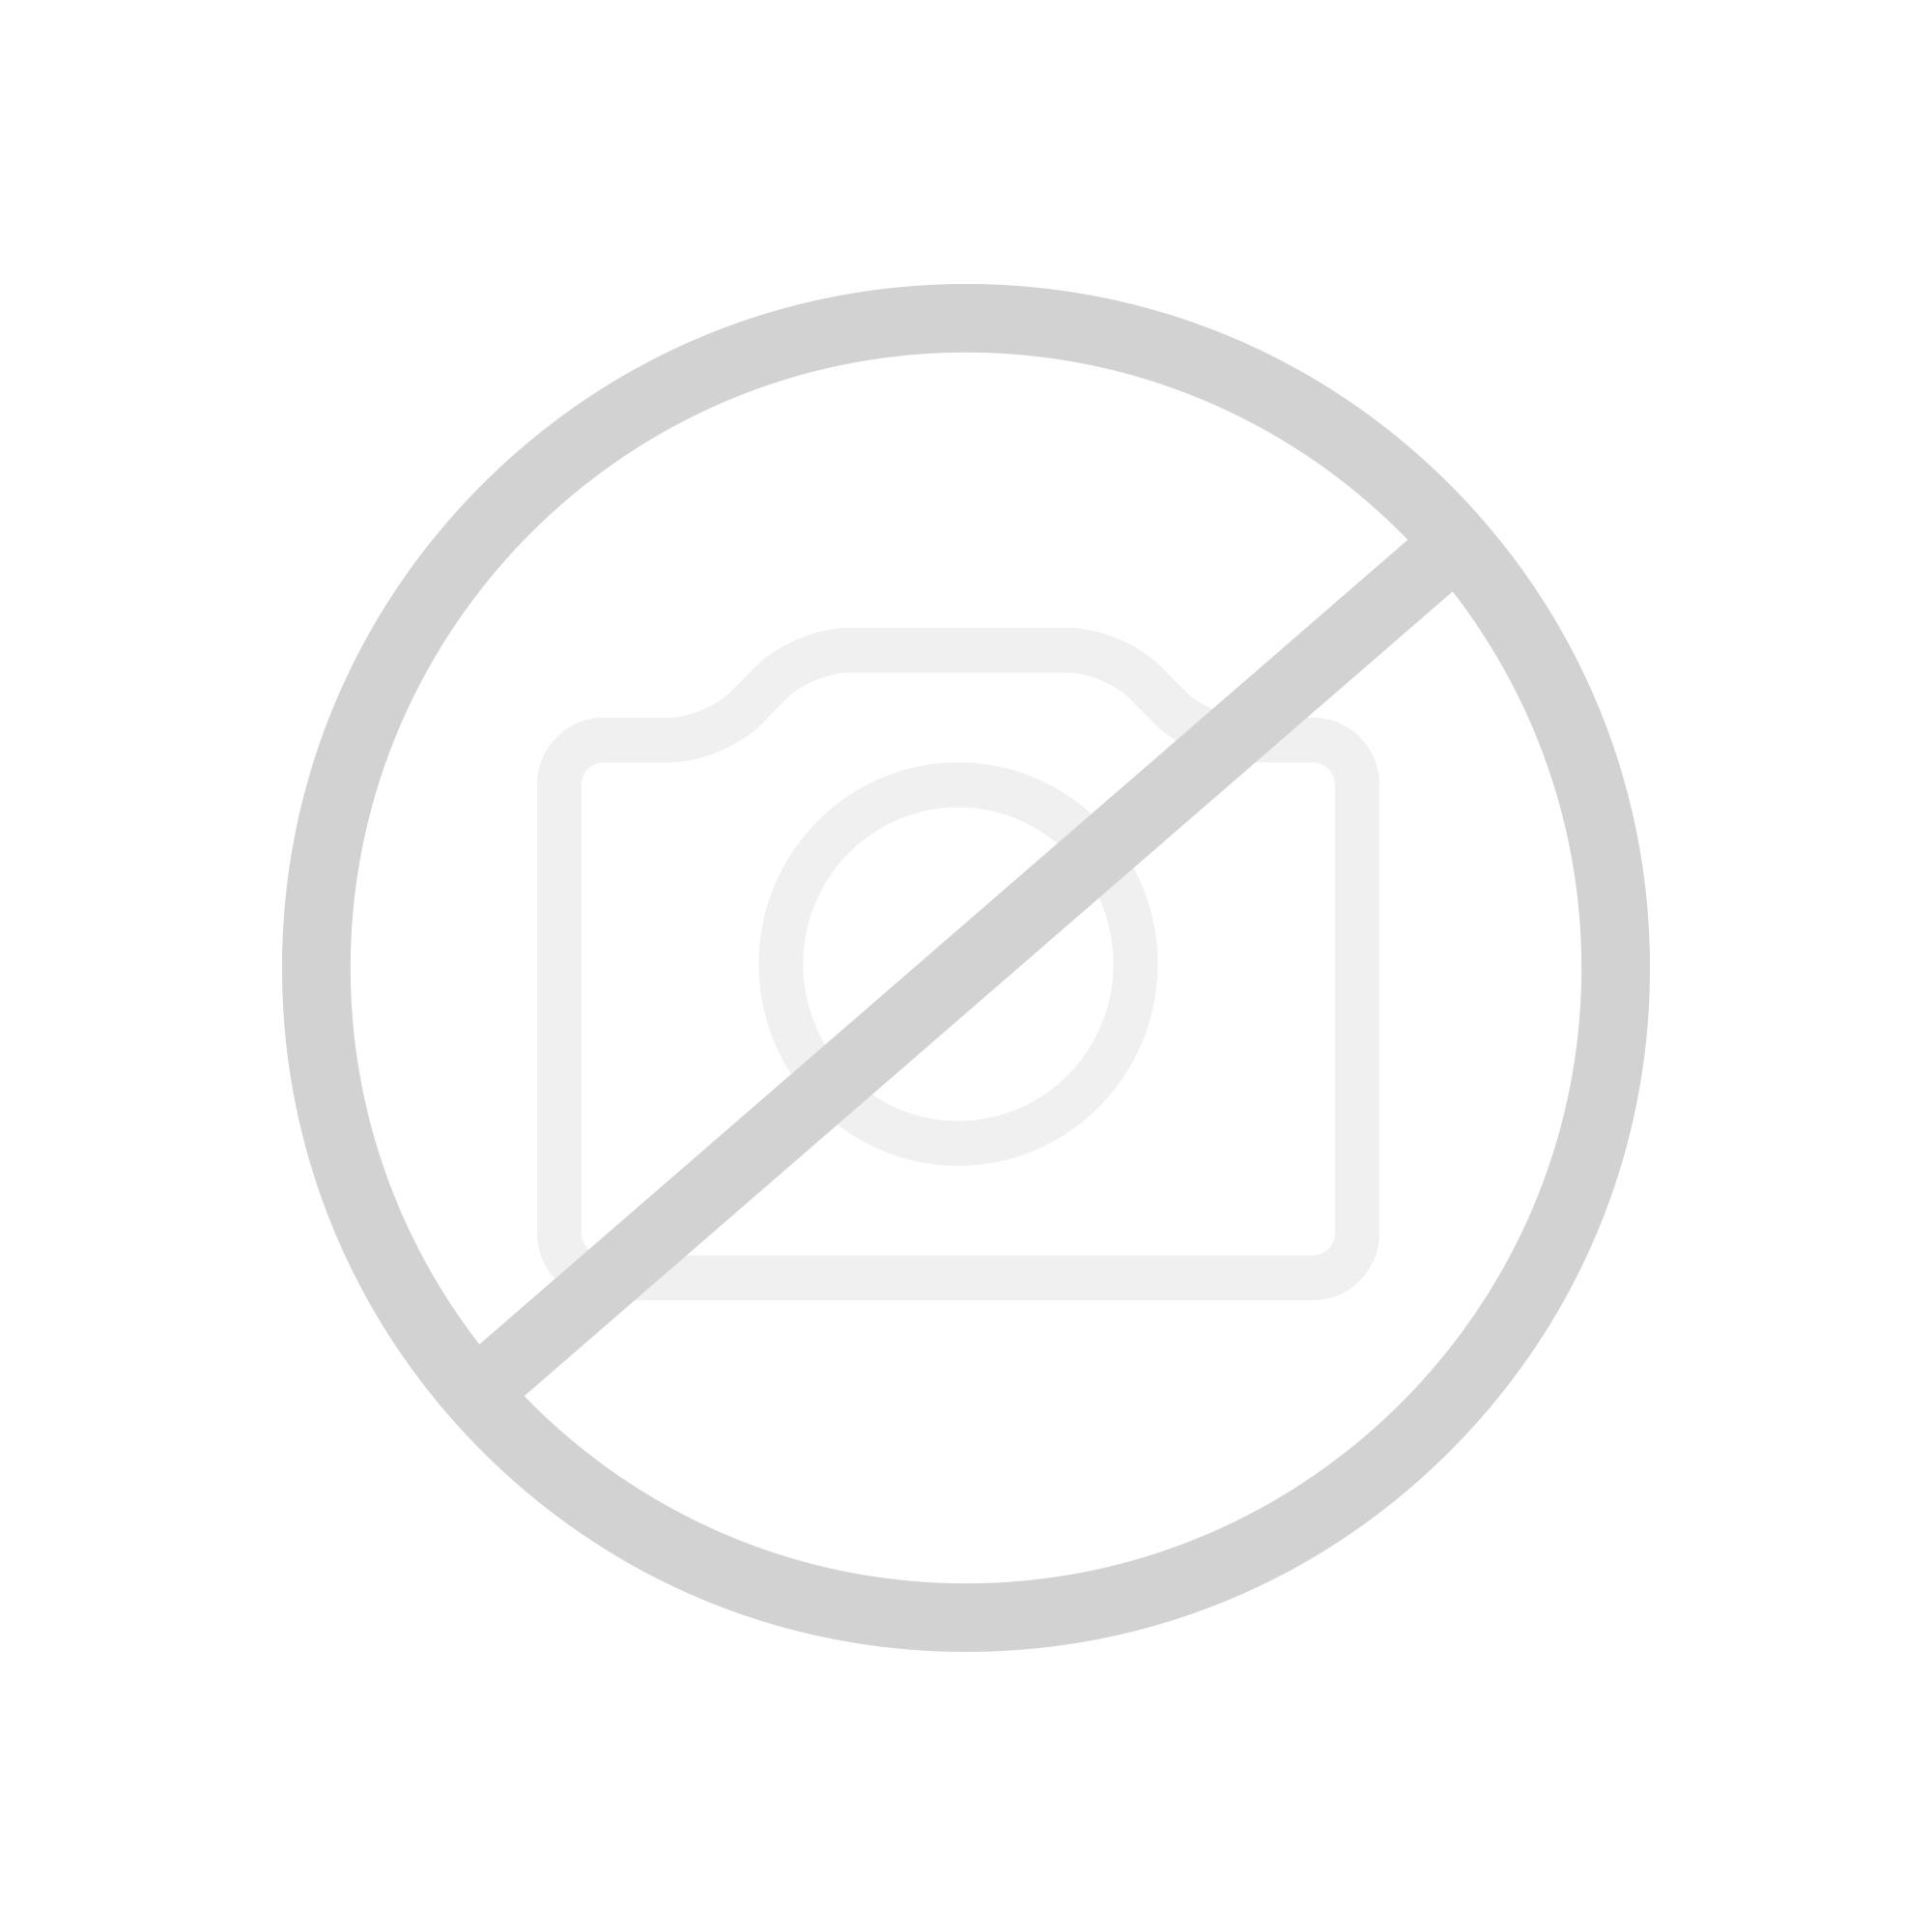 Hansa Public Waschtisch-Einhand-Wandbatterie, Auslauf Ø 26 mm Ausladung: 225 mm